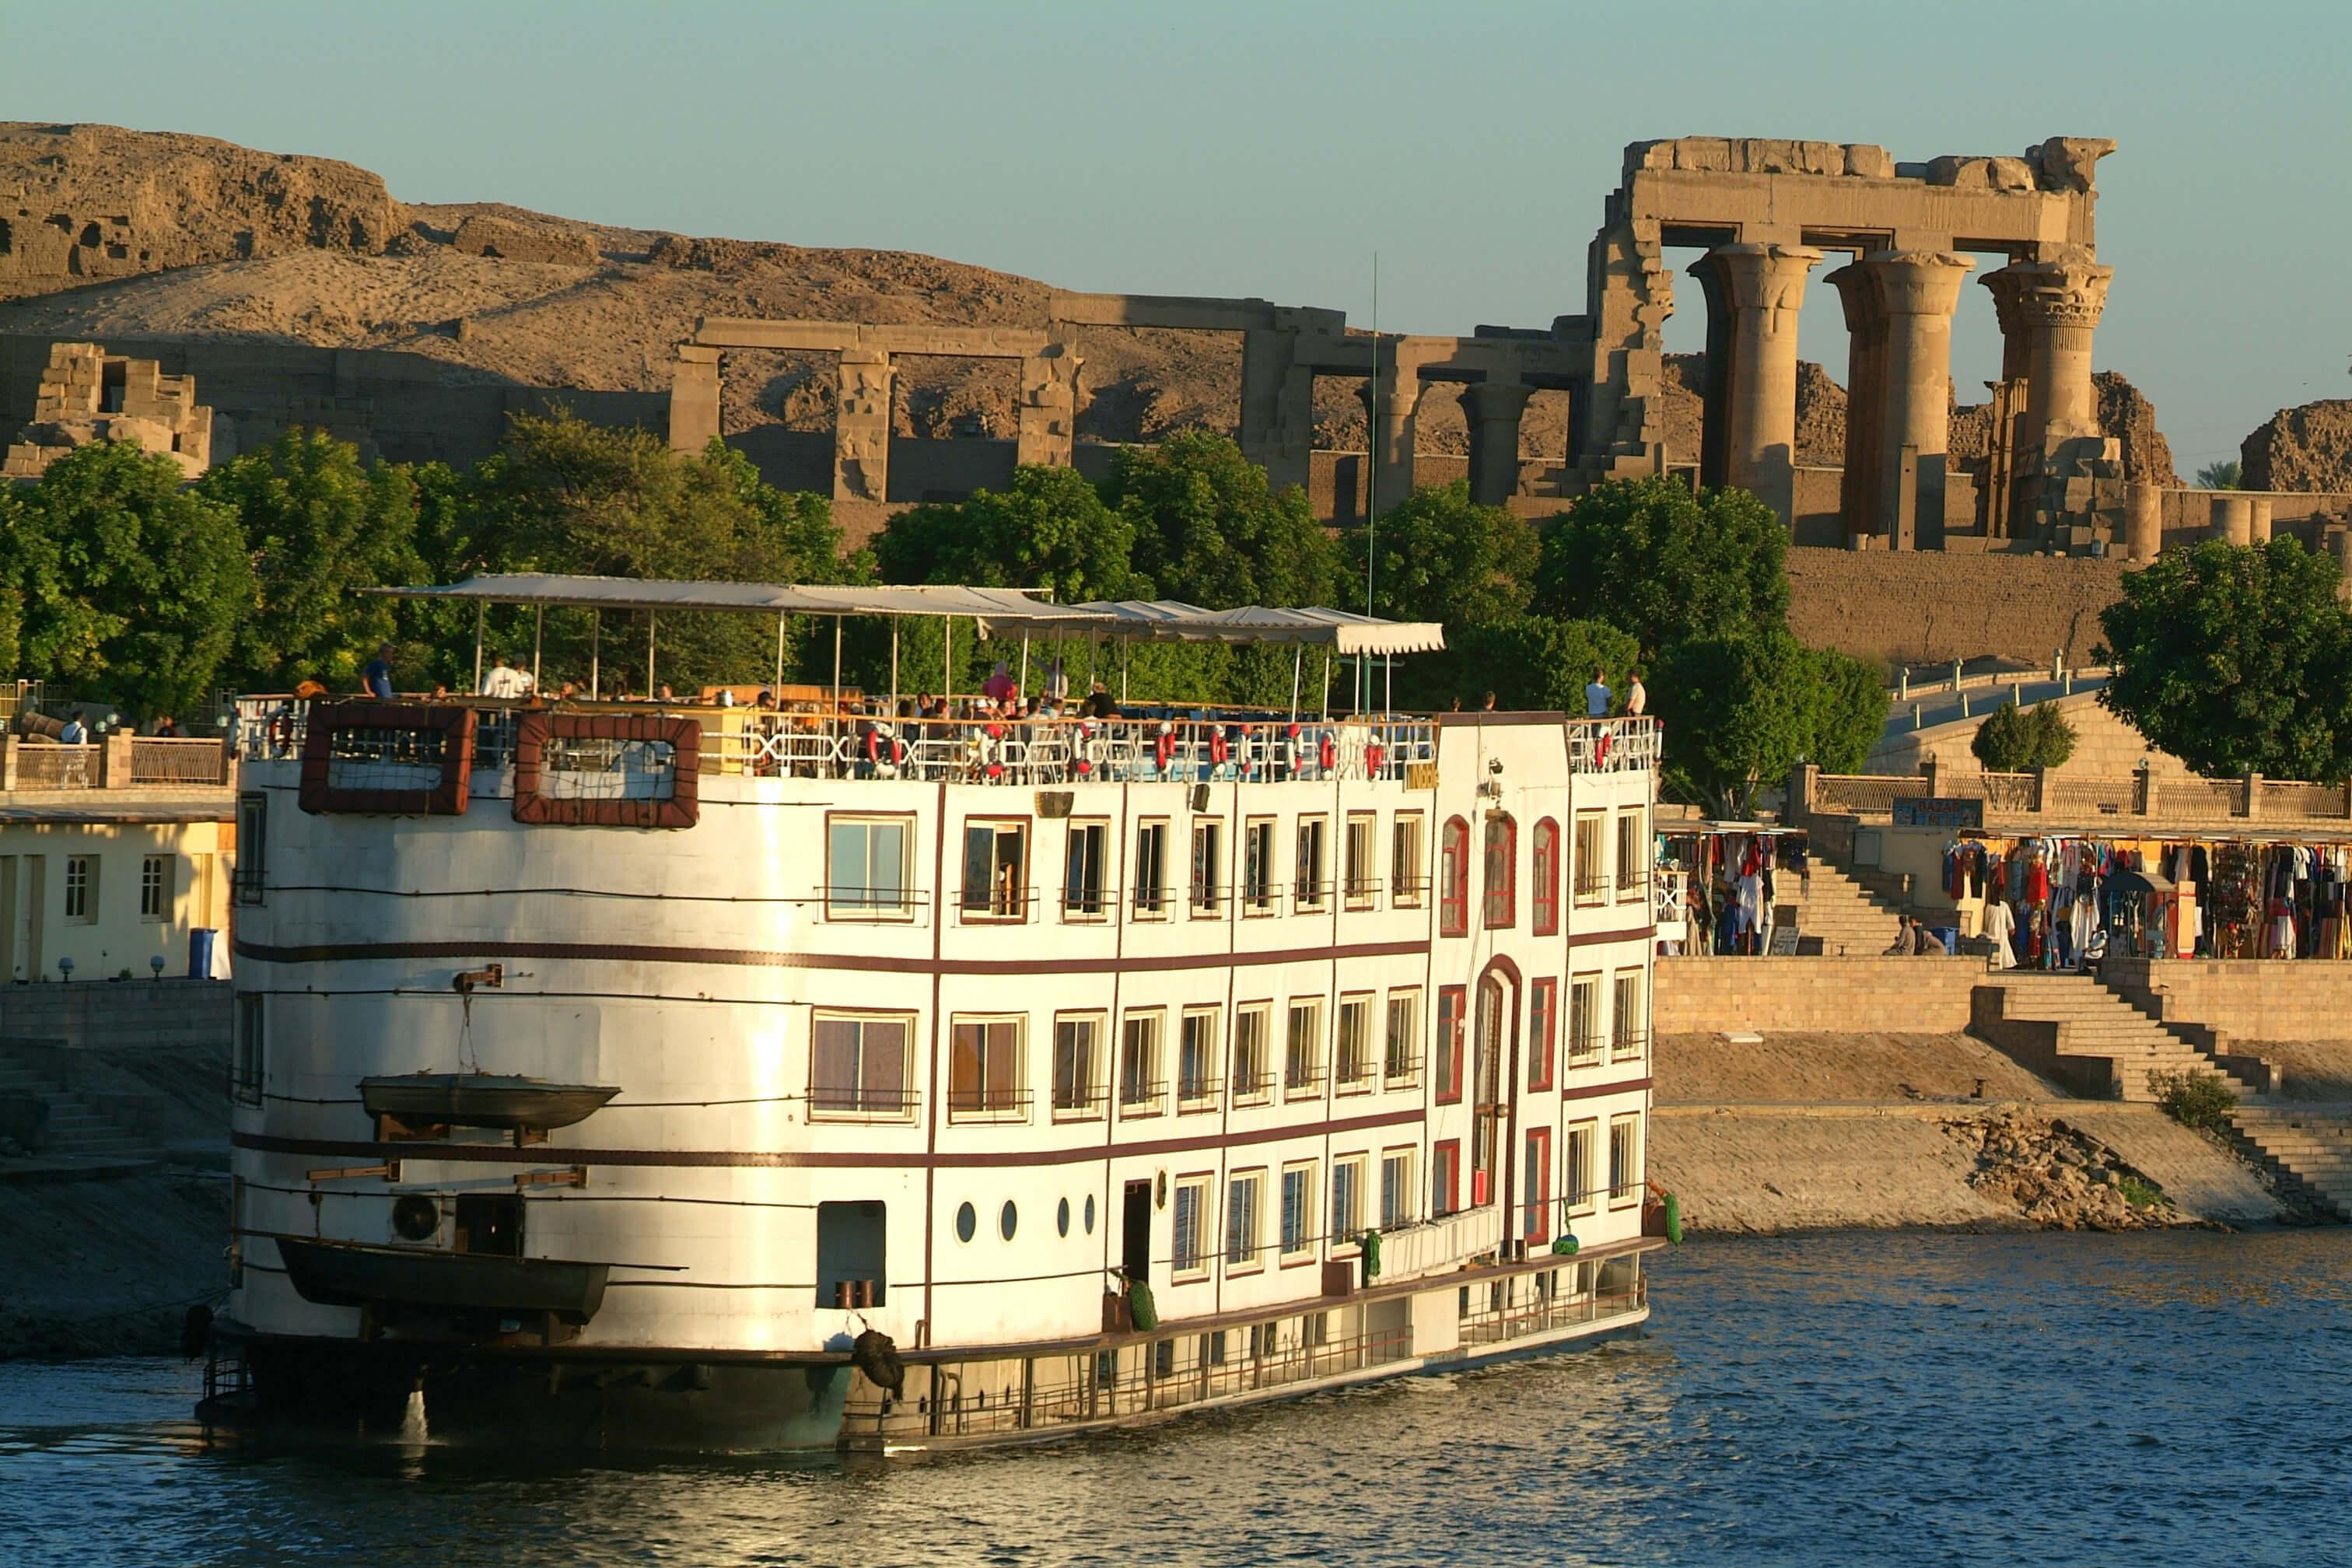 Vacaciones en Egipto, Crucero por el Nilo baja